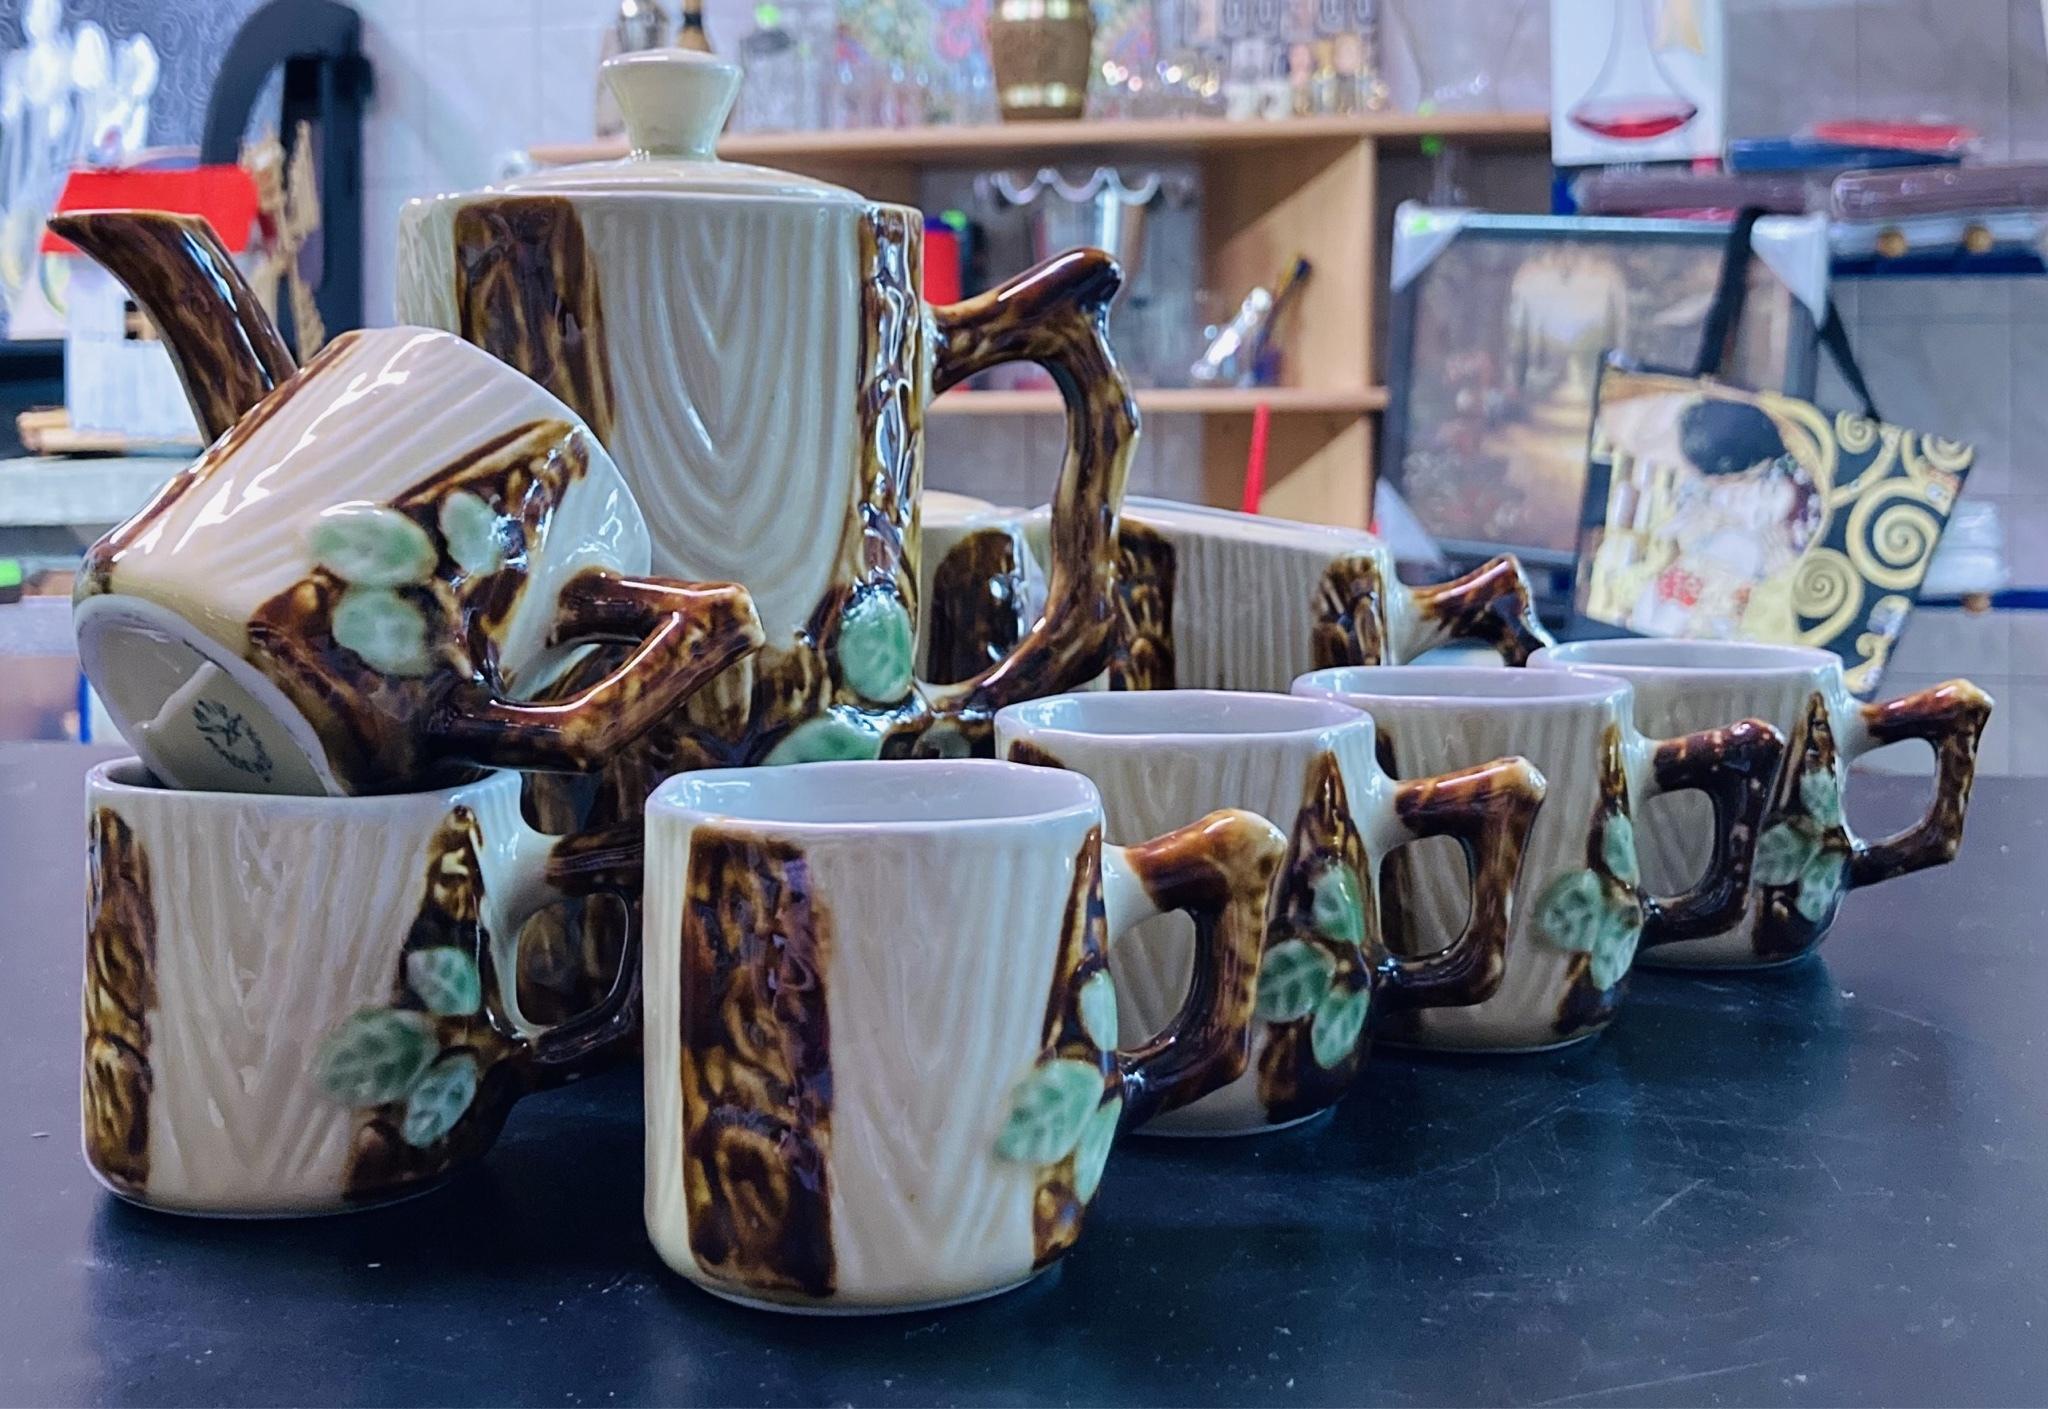 Serwis kawowy D.P.R.K. kora drzewa. 6 osób